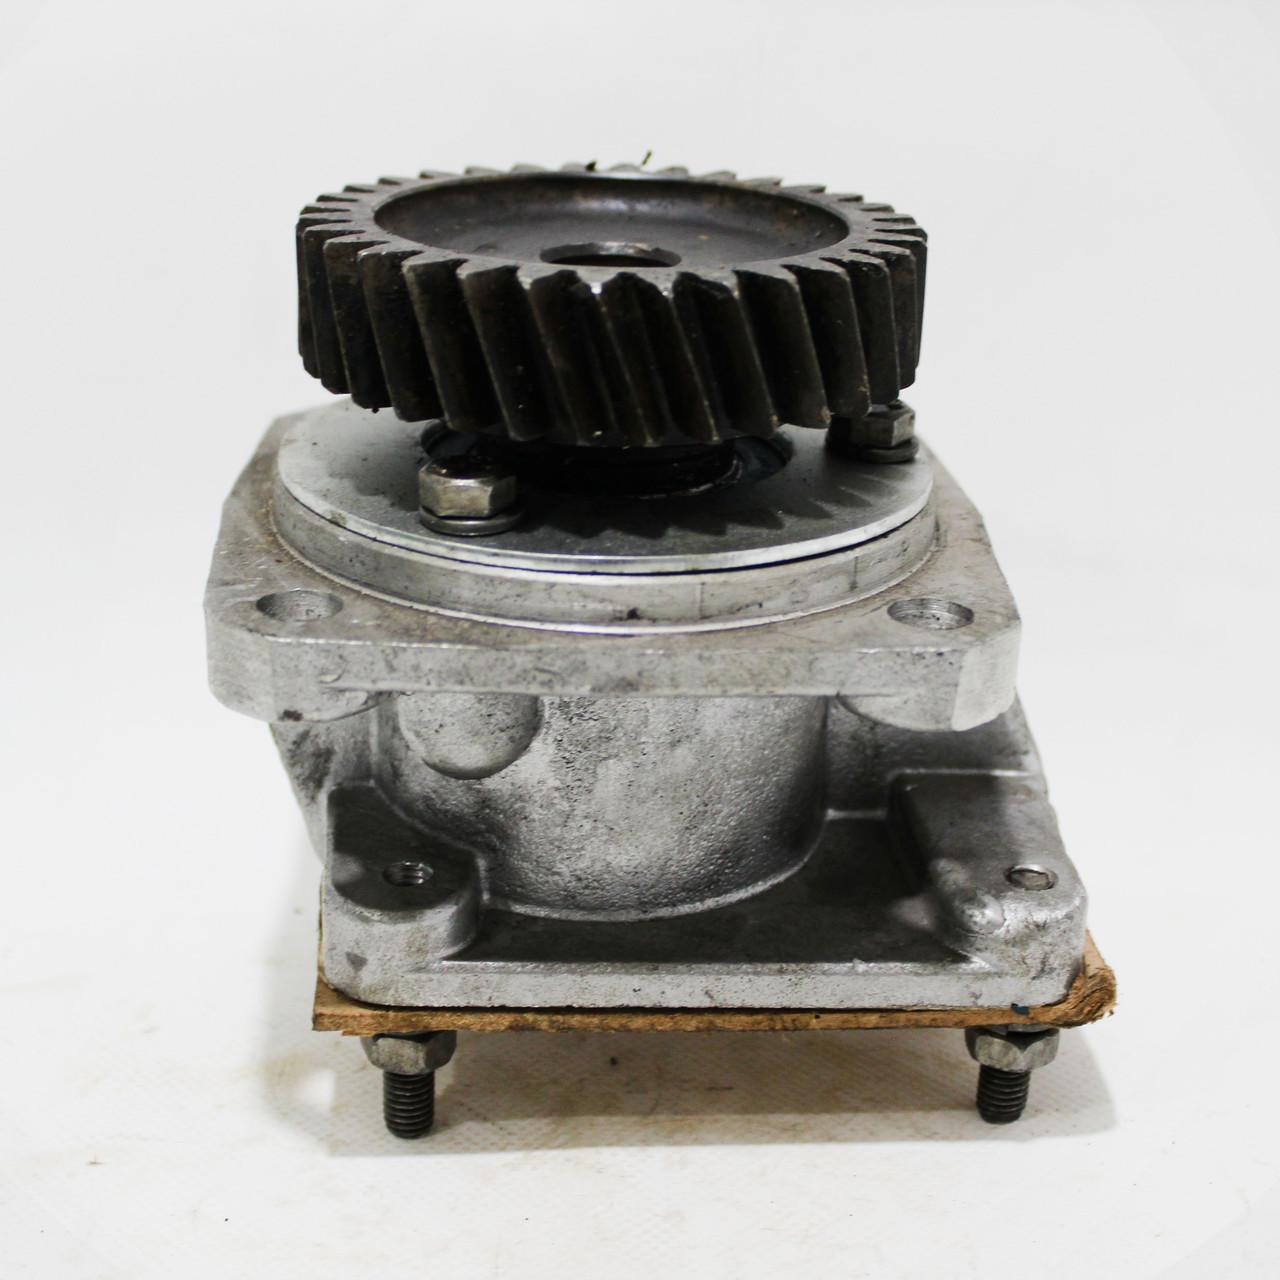 Привод насоса НШ 10-3Л в сборе 238АК-3408010-Б